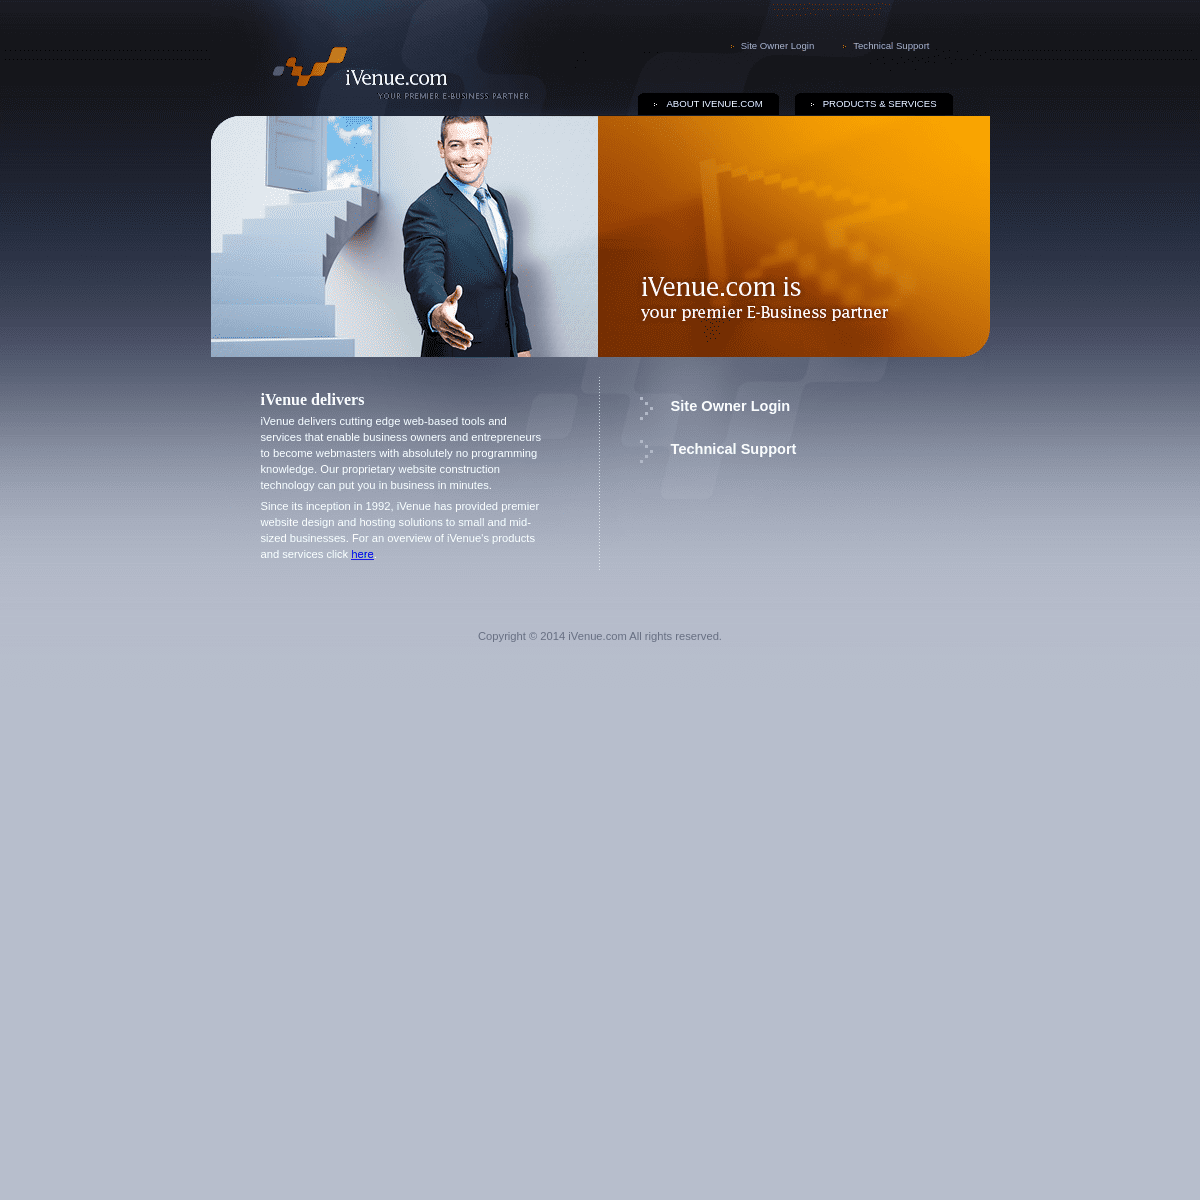 - iVenue.com